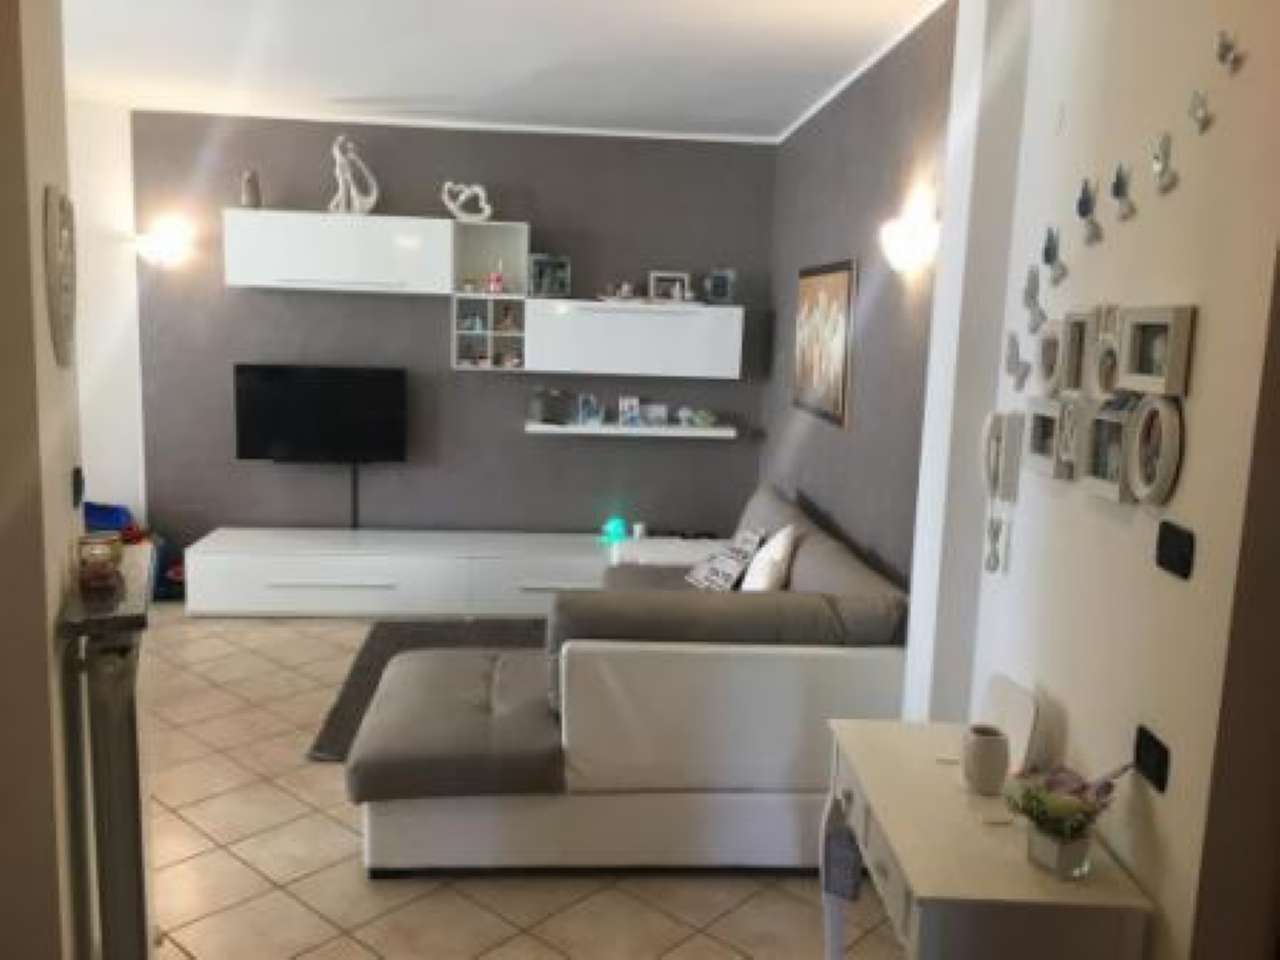 Appartamento in vendita a Mozzate, 3 locali, prezzo € 170.000 | PortaleAgenzieImmobiliari.it